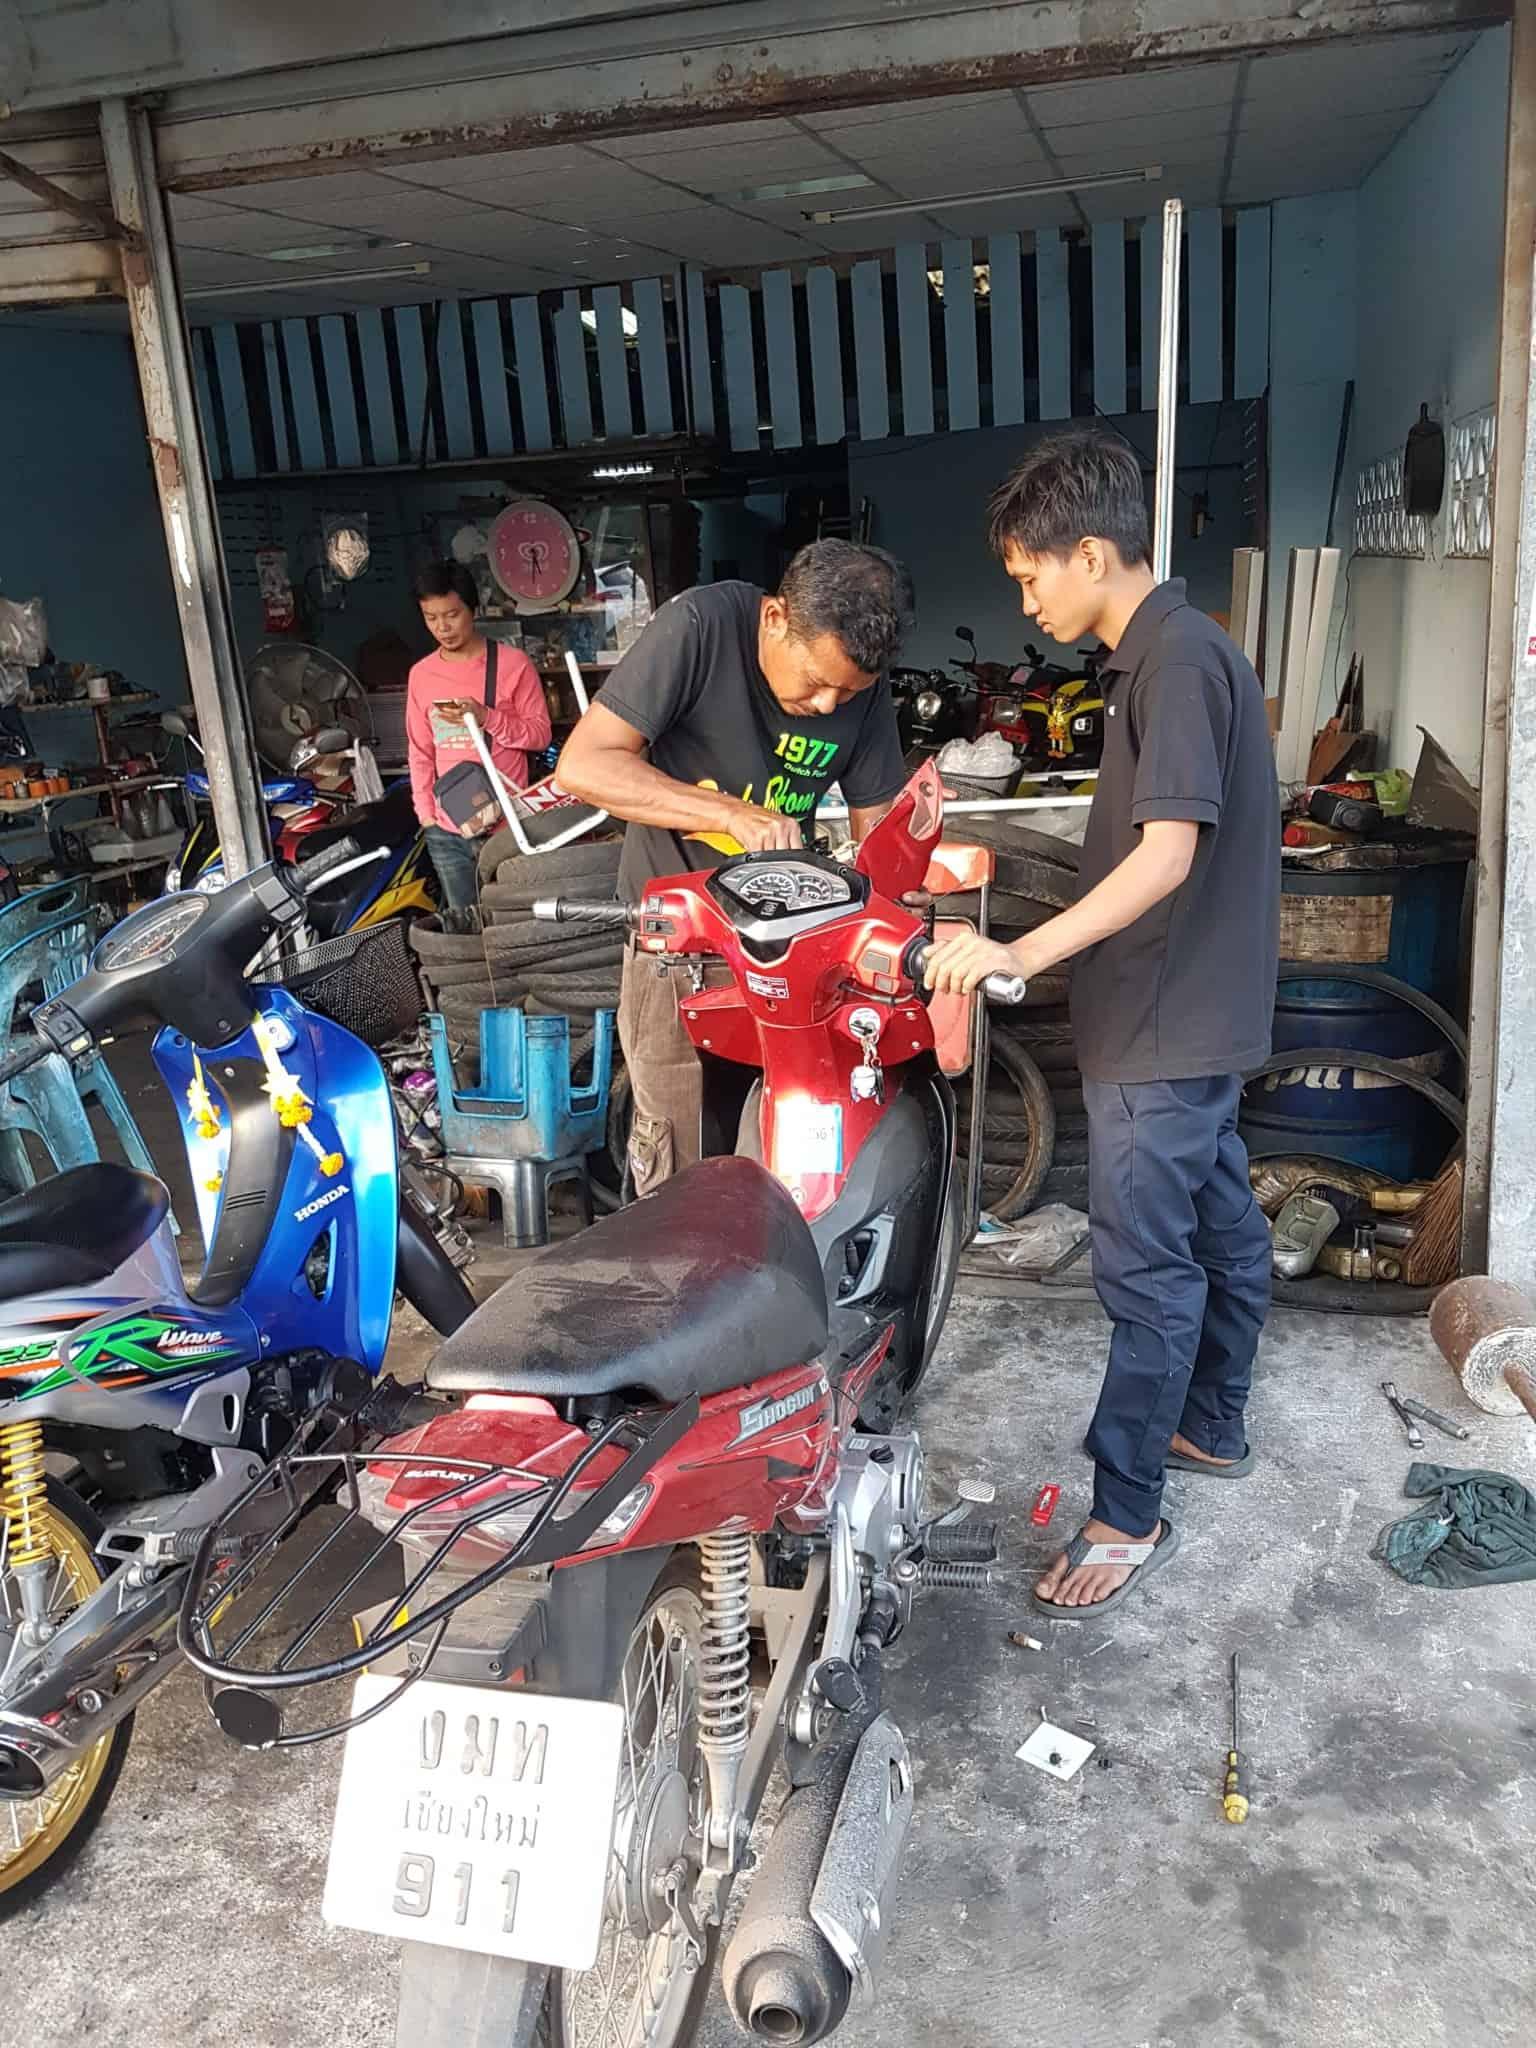 Thaïlande, sur la route cheveux au vent 🌱 1